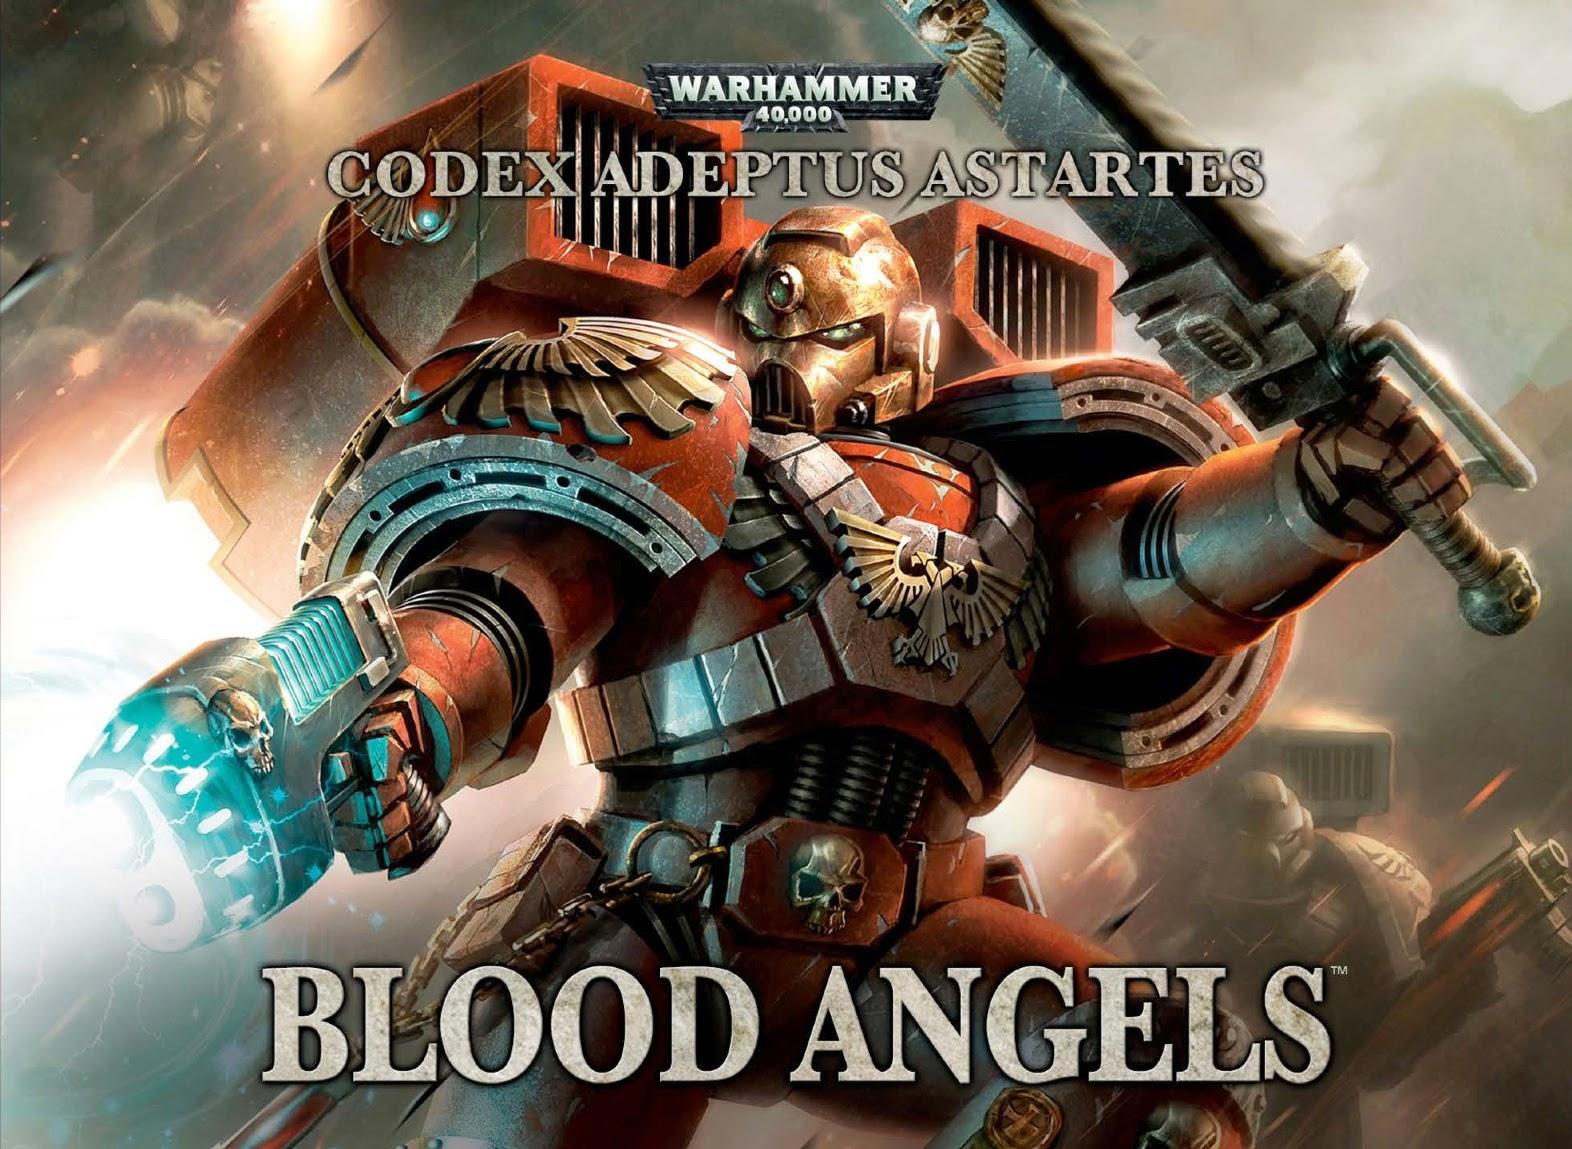 Warhammer 40k Blood Angels Codex 7th Edition Pdf